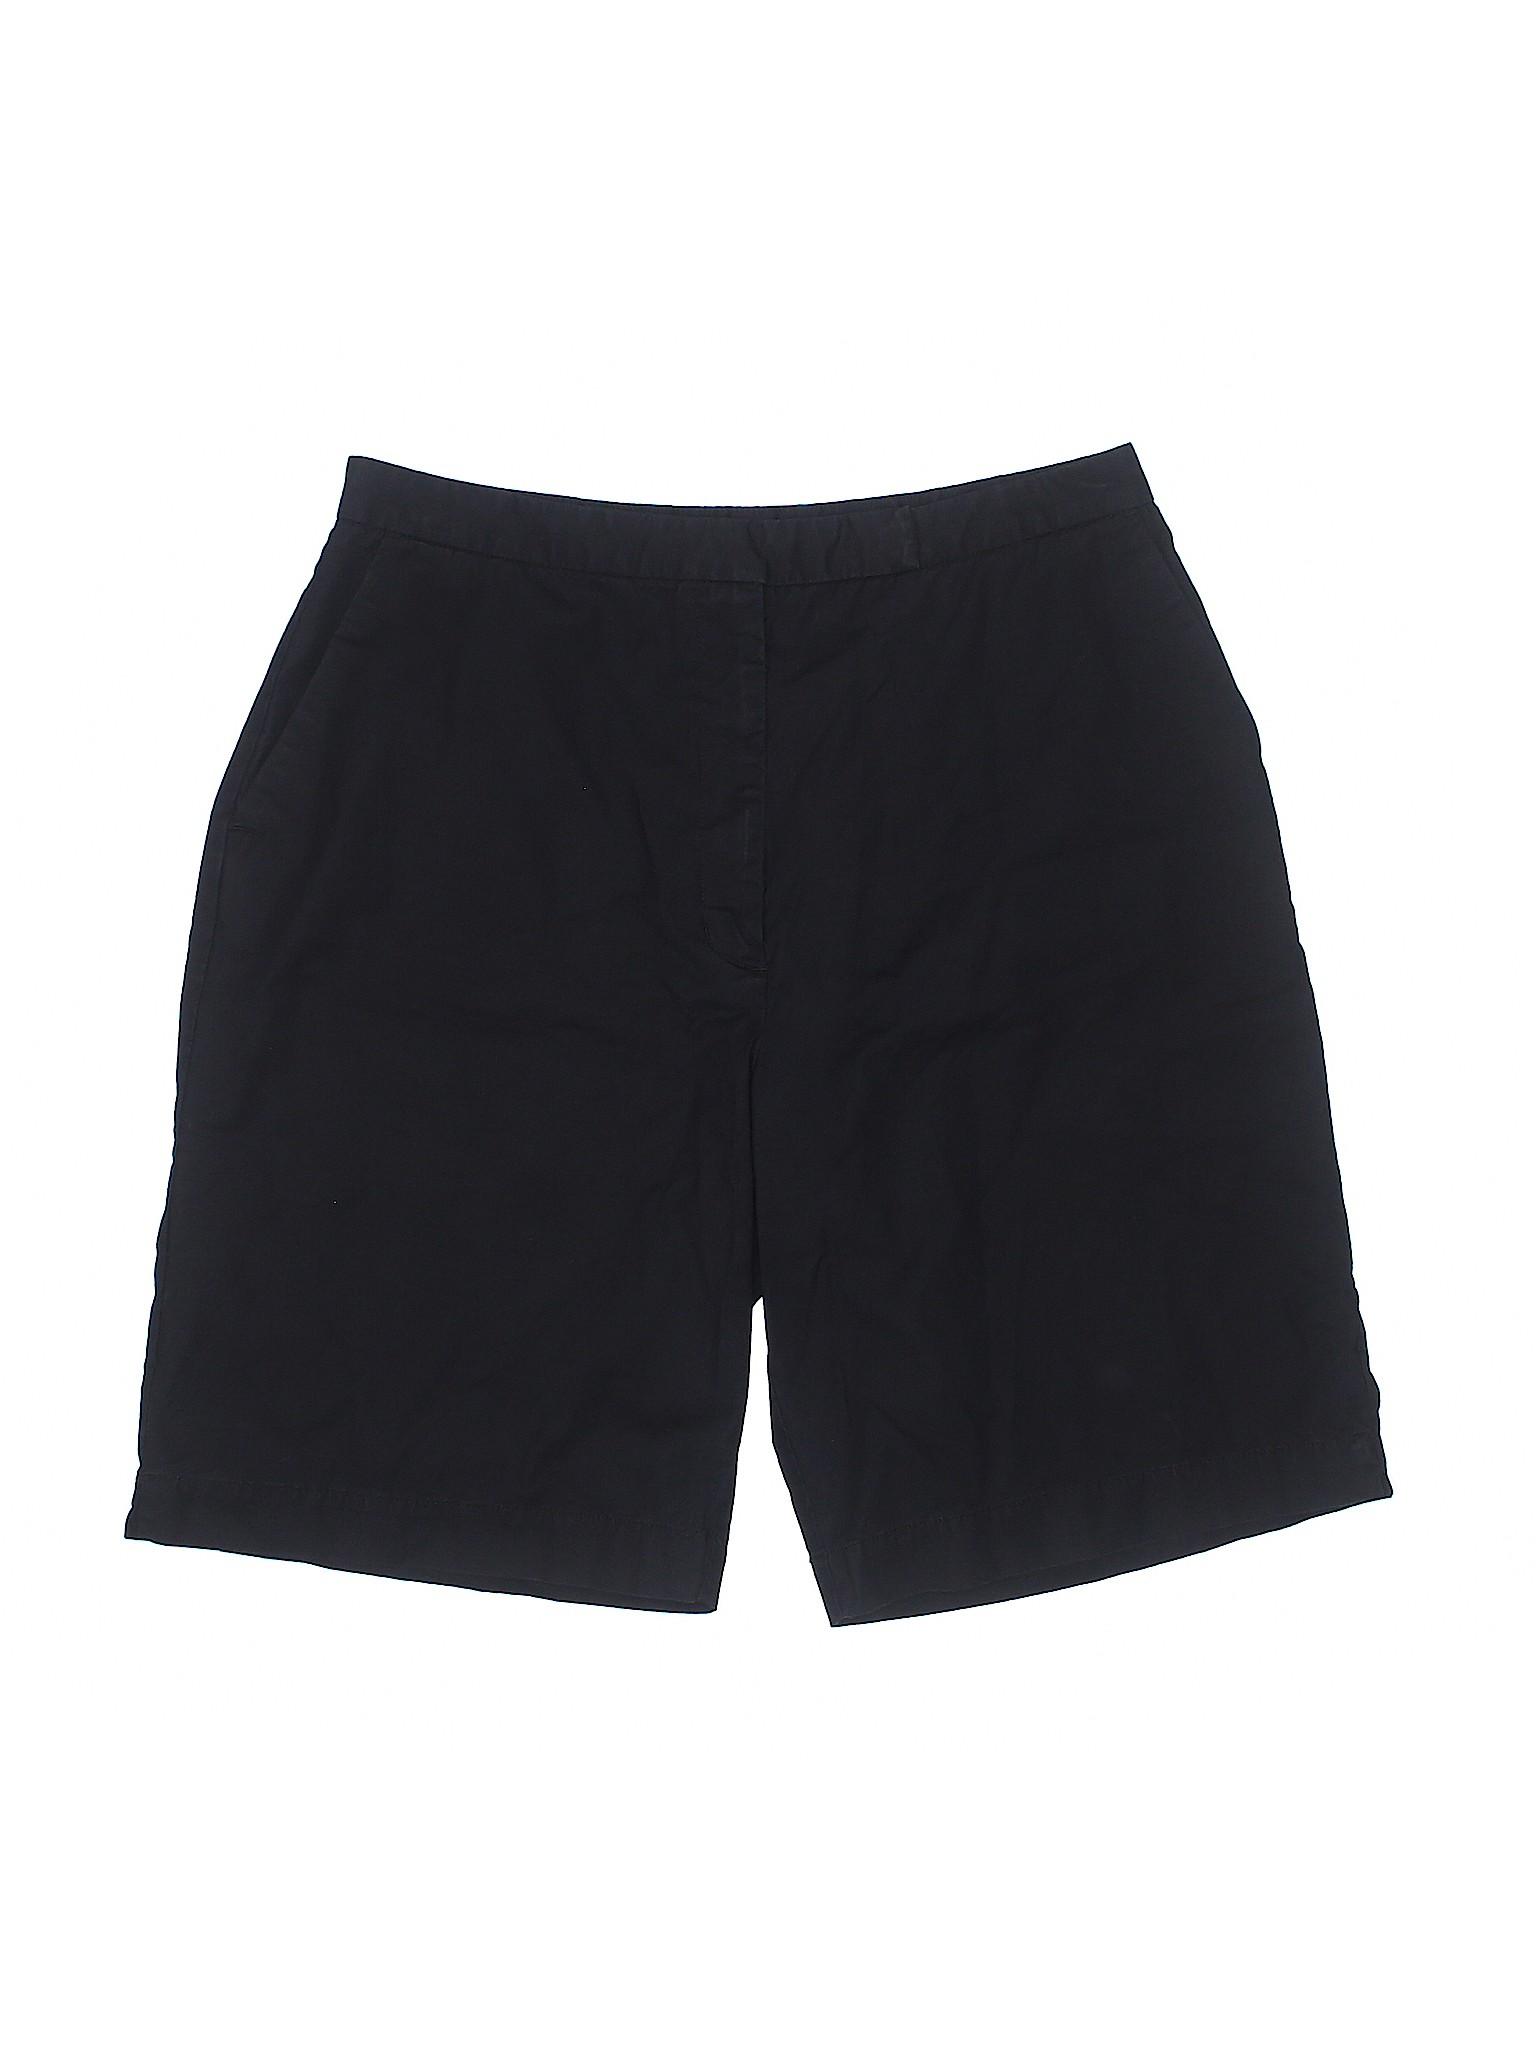 Bauer Boutique Boutique Shorts Khaki Eddie Eddie Zq8nrv6tZ